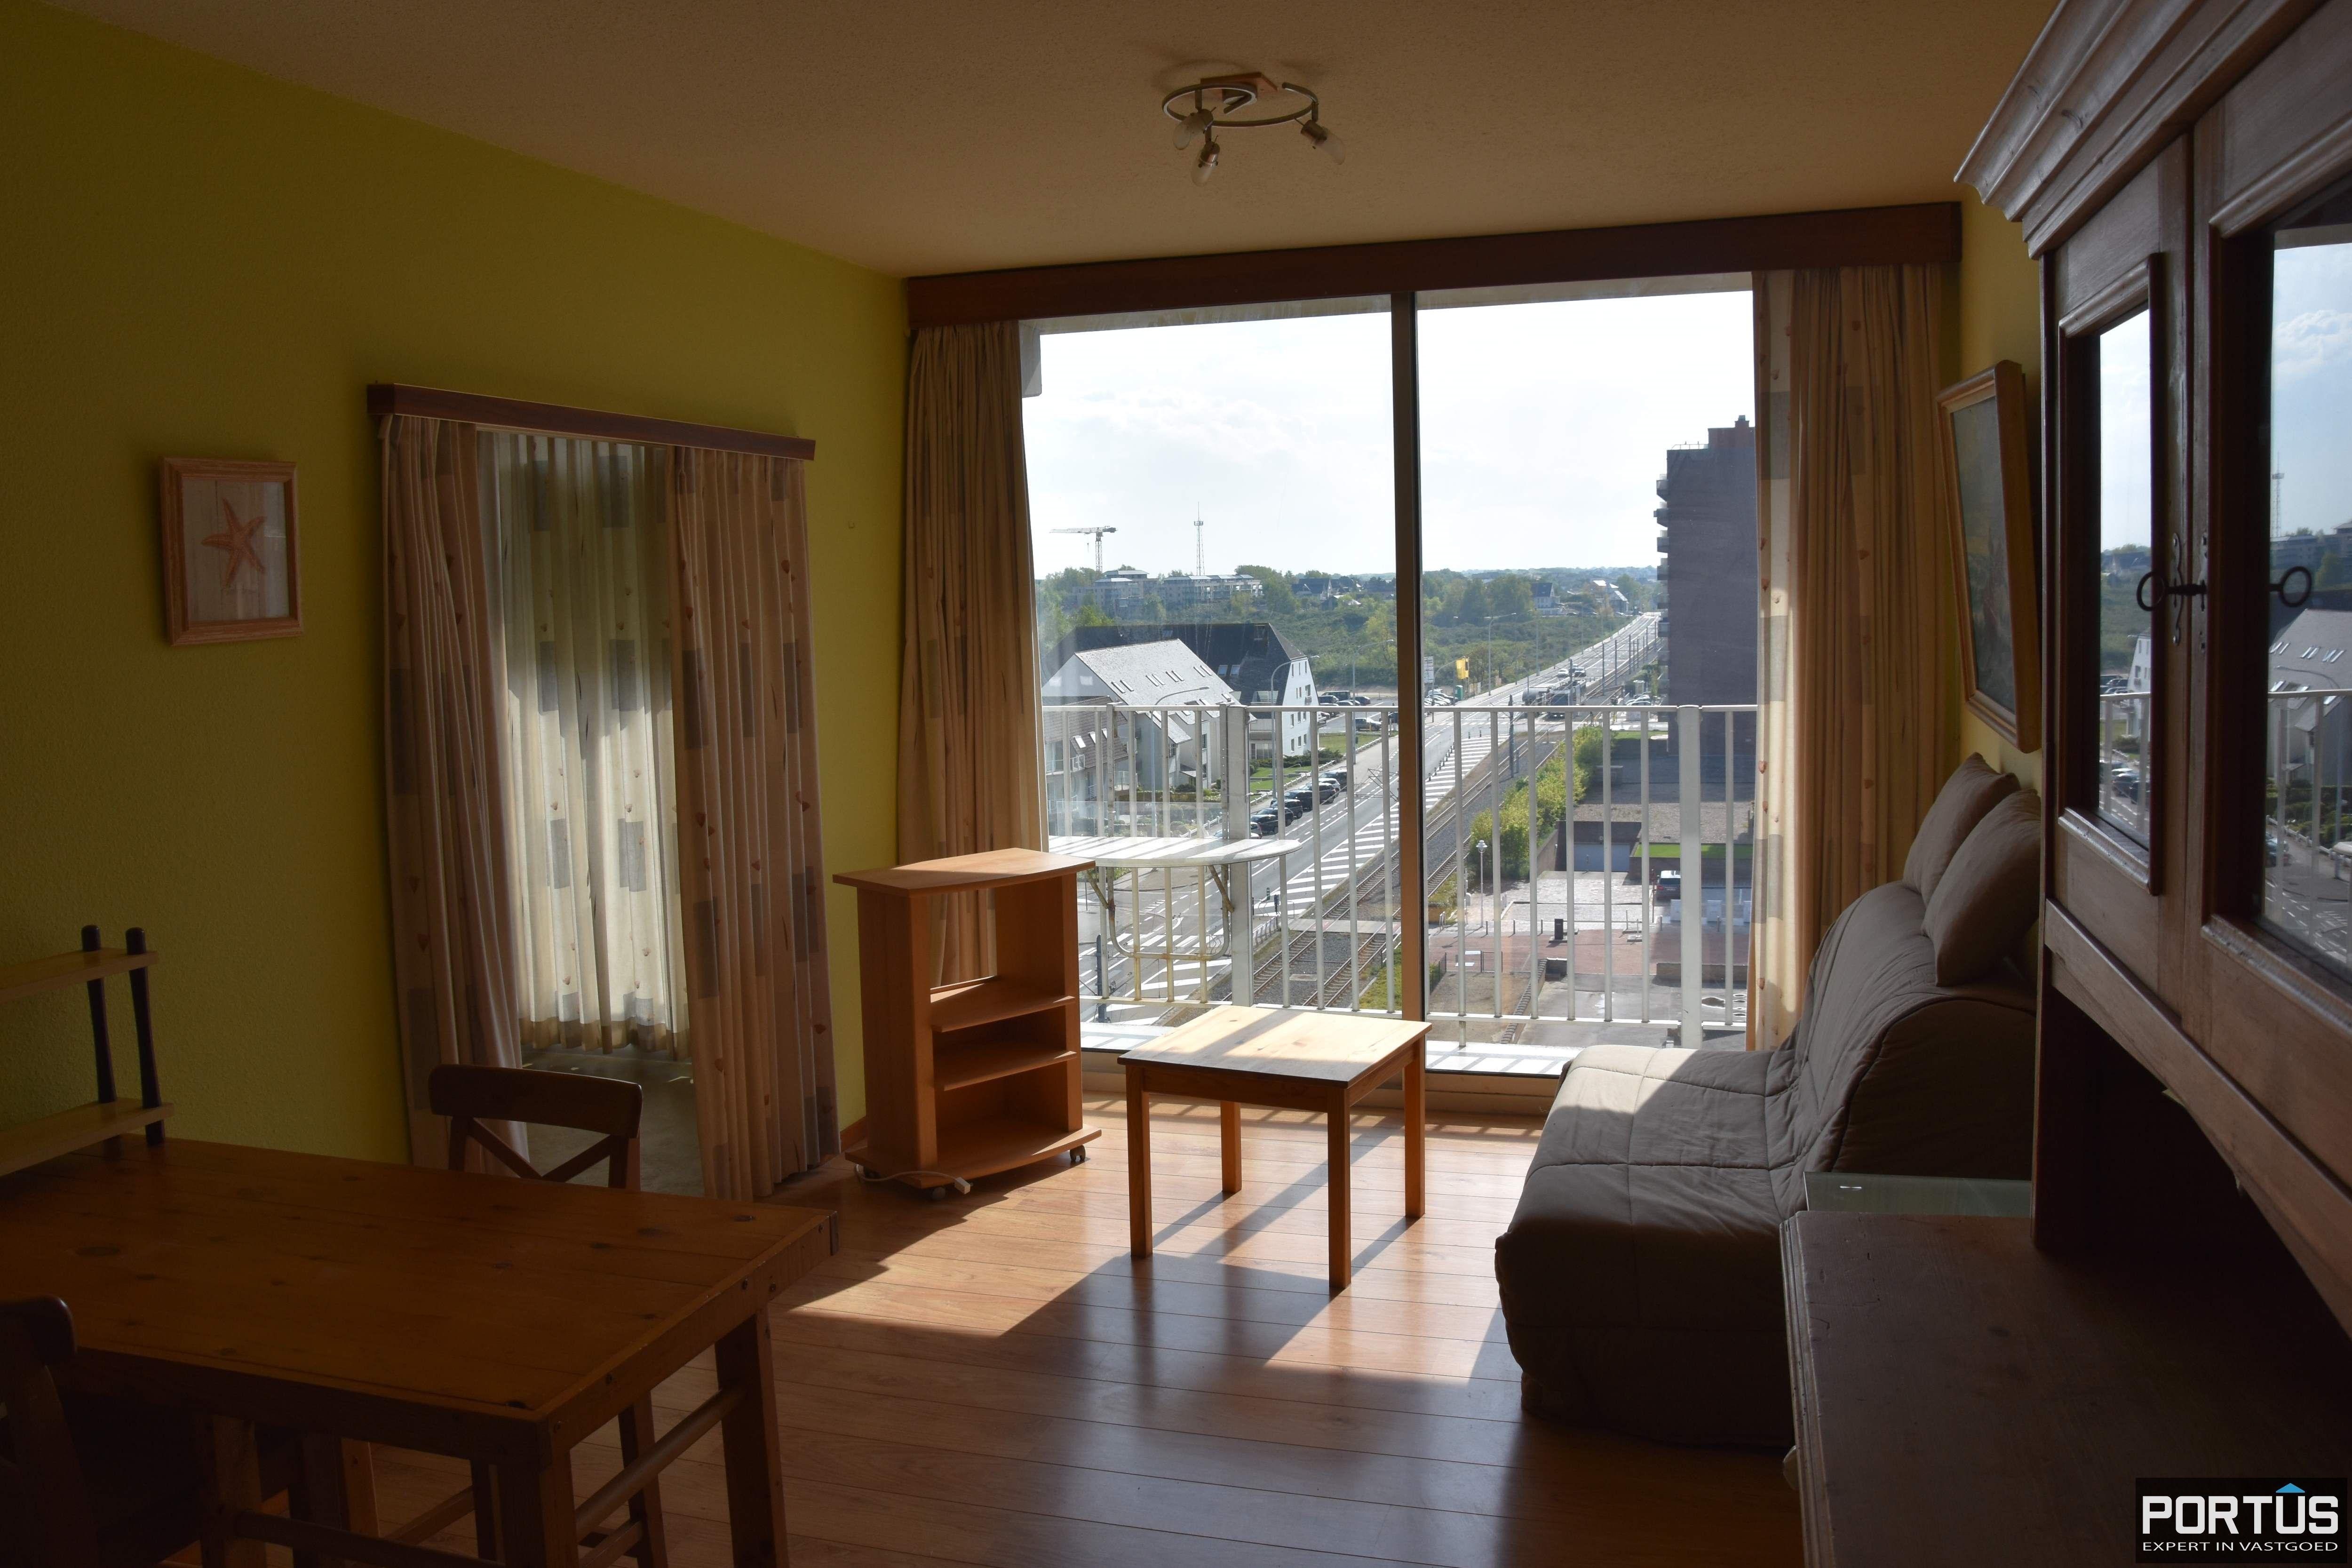 Appartement met staanplaats en berging te huur Nieuwpoort - 9717